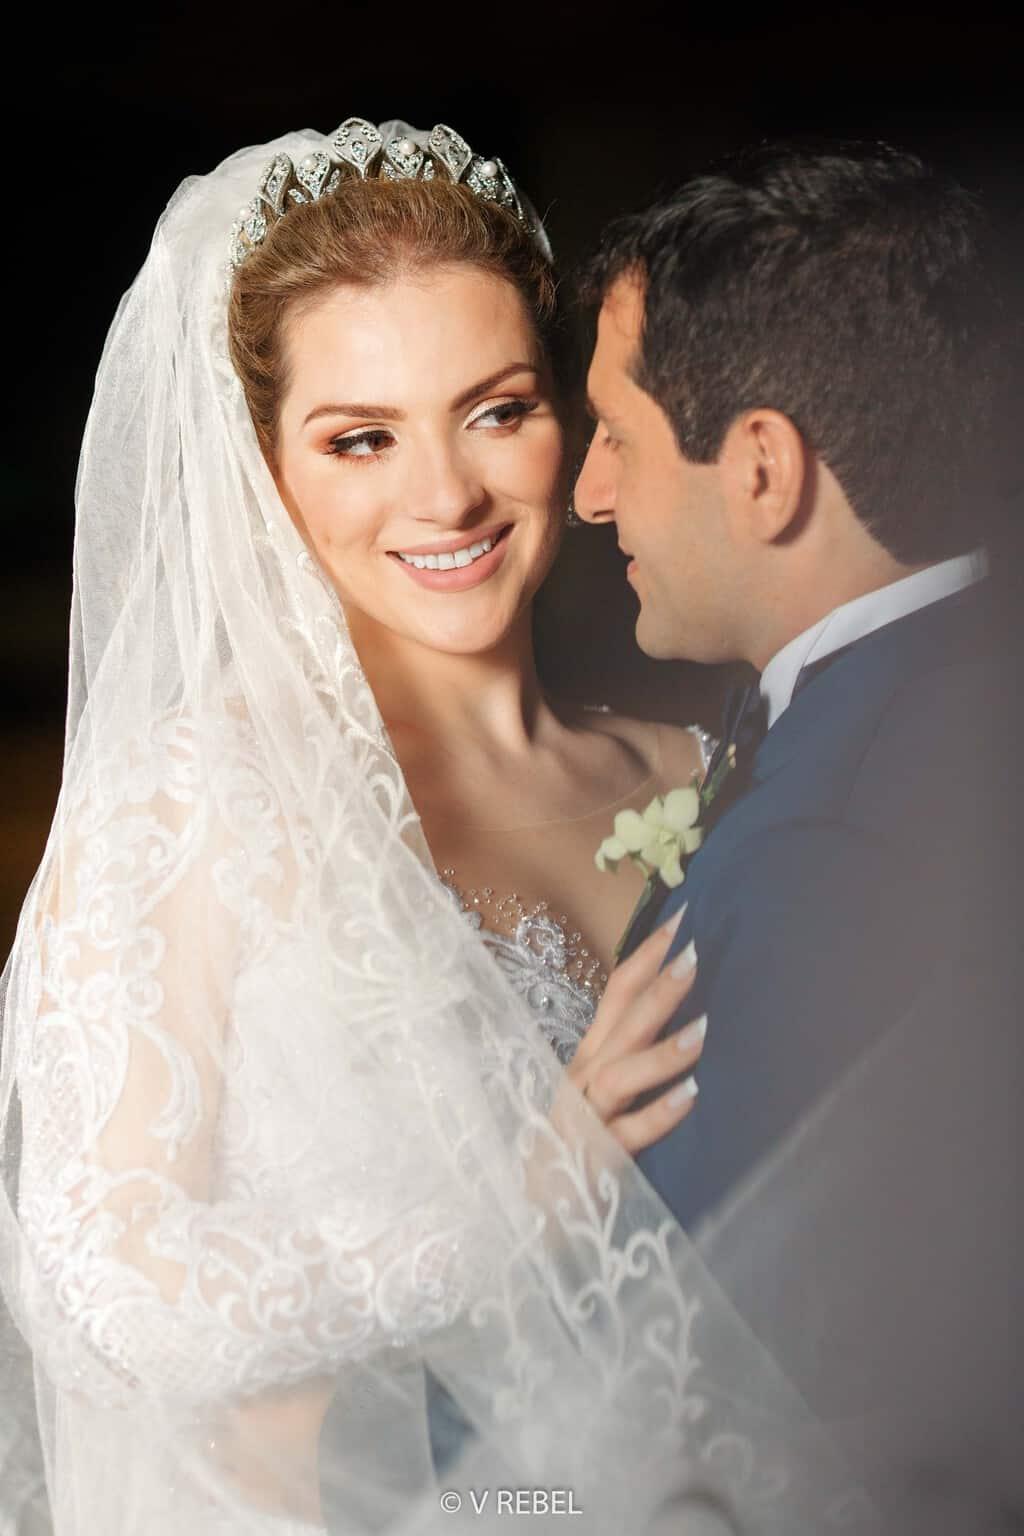 casamento-Caroline-e-Breno-casamento-clássico-foto-do-casal-fotografia-VRebel69